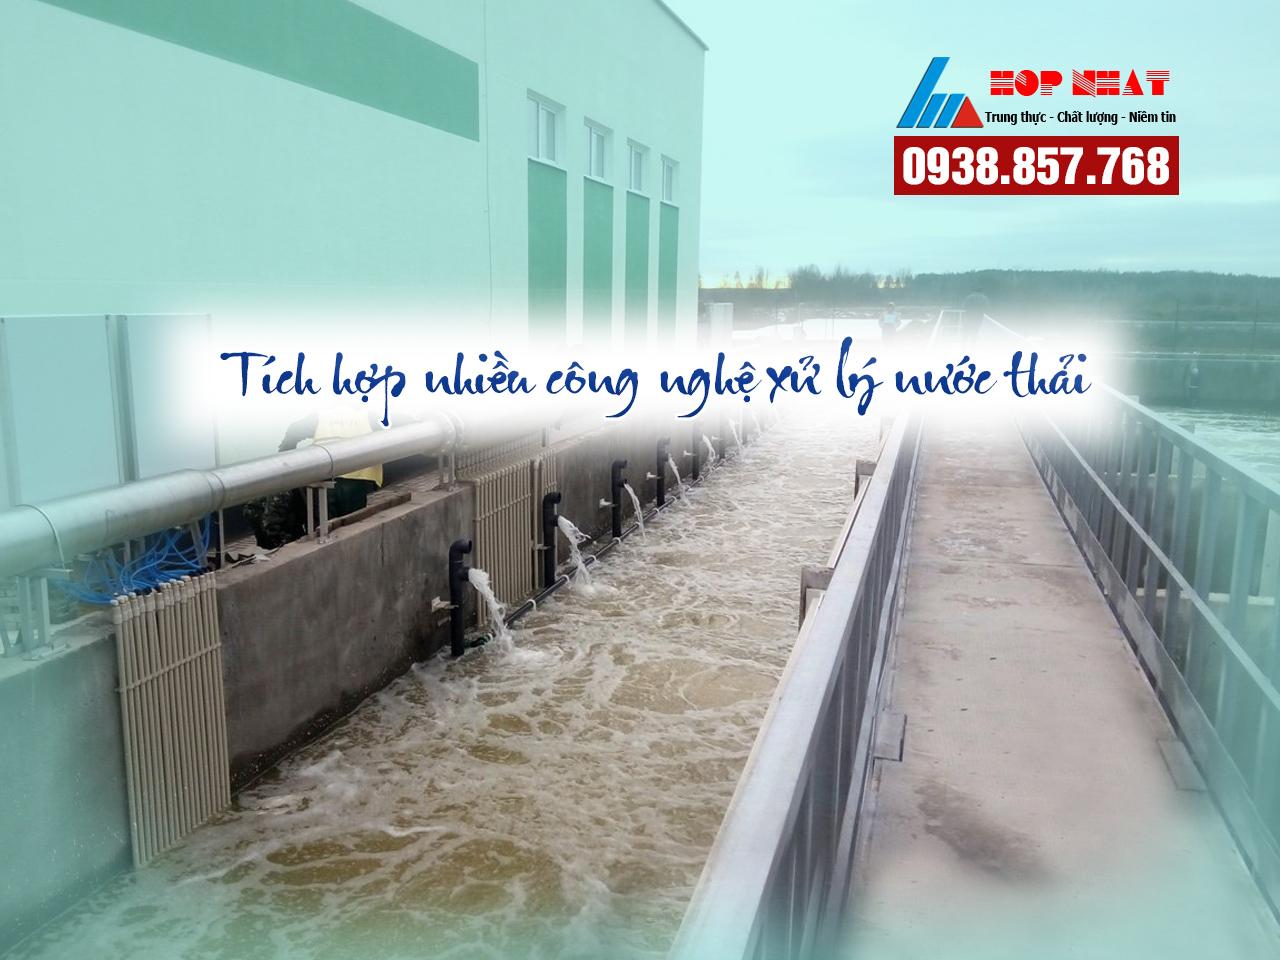 Dây chuyền tích hợp nhiều công nghệ xử lý nước thải